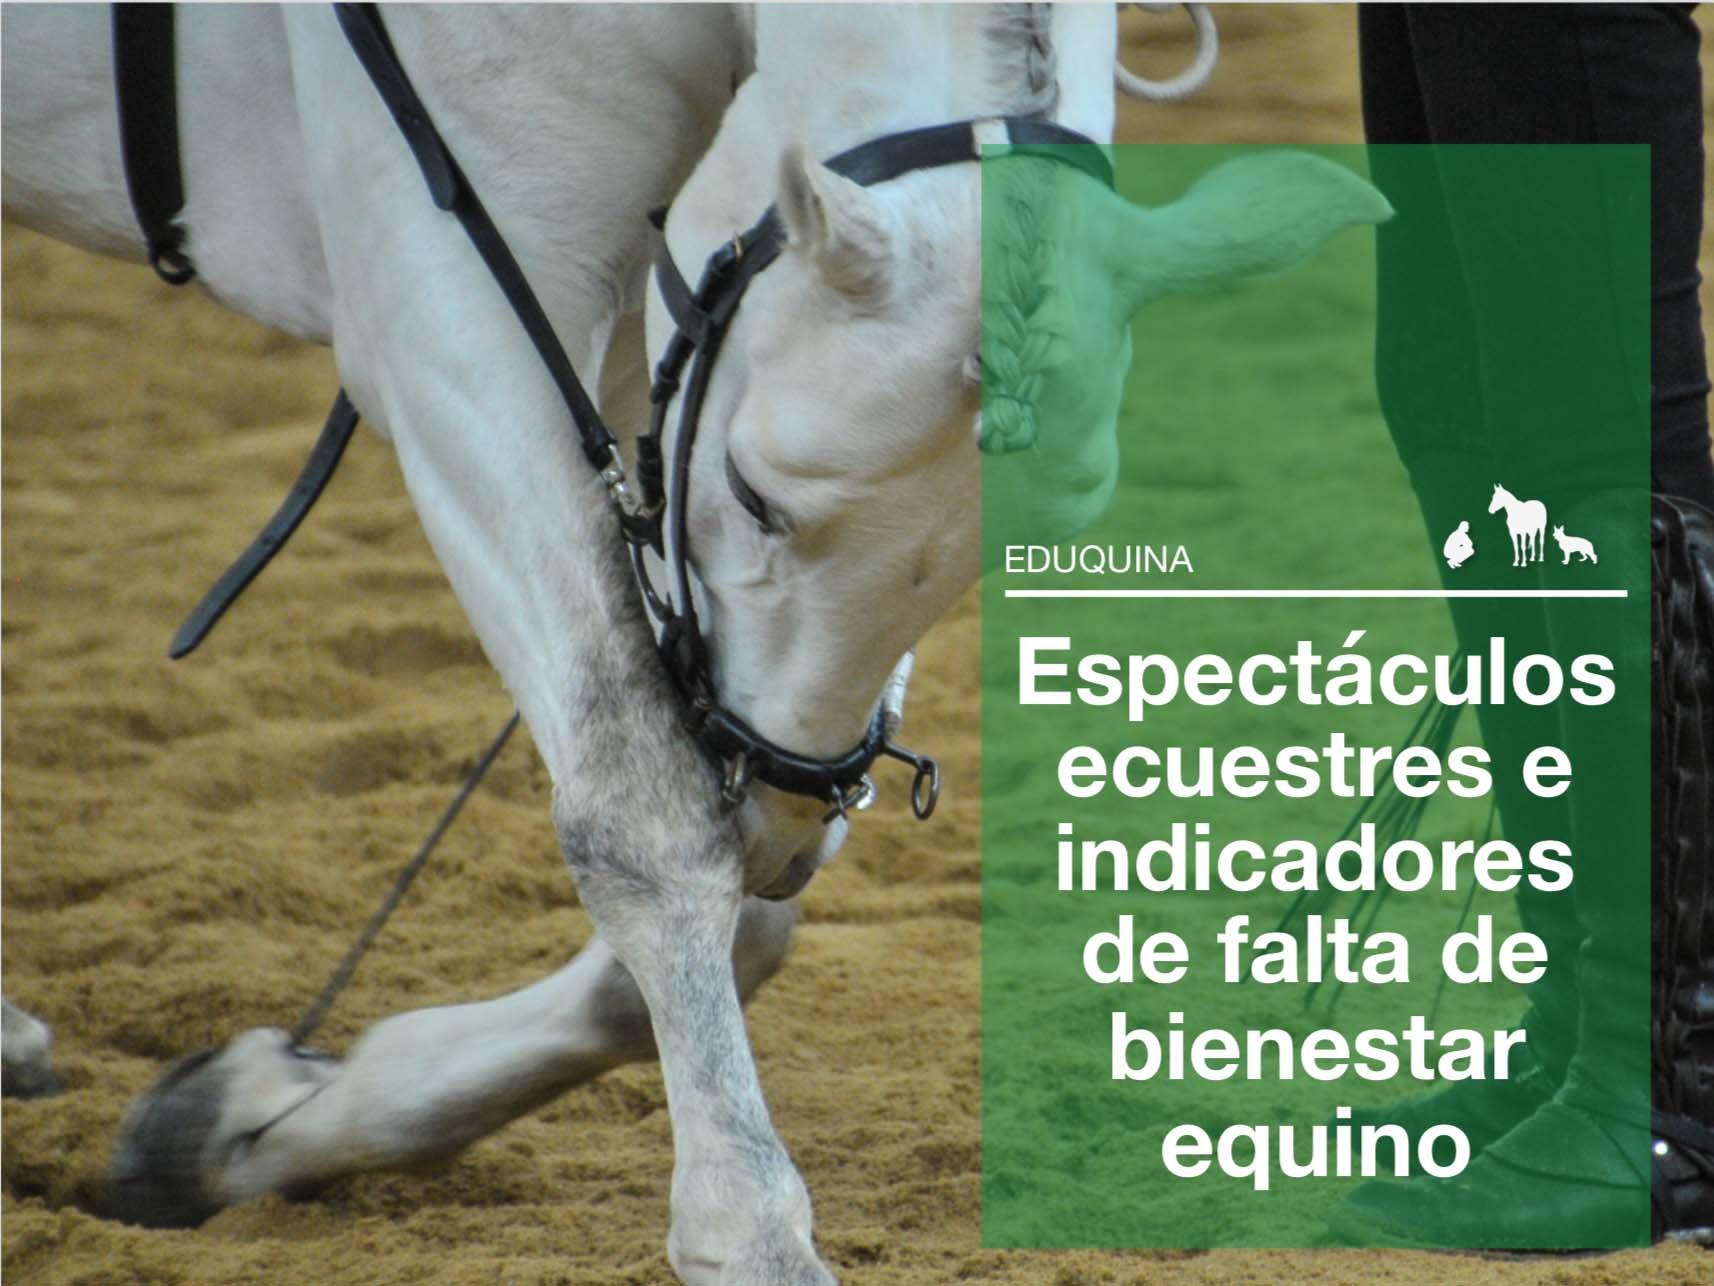 Espectáculos ecuestres e indicadores de falta de bienestar equino.